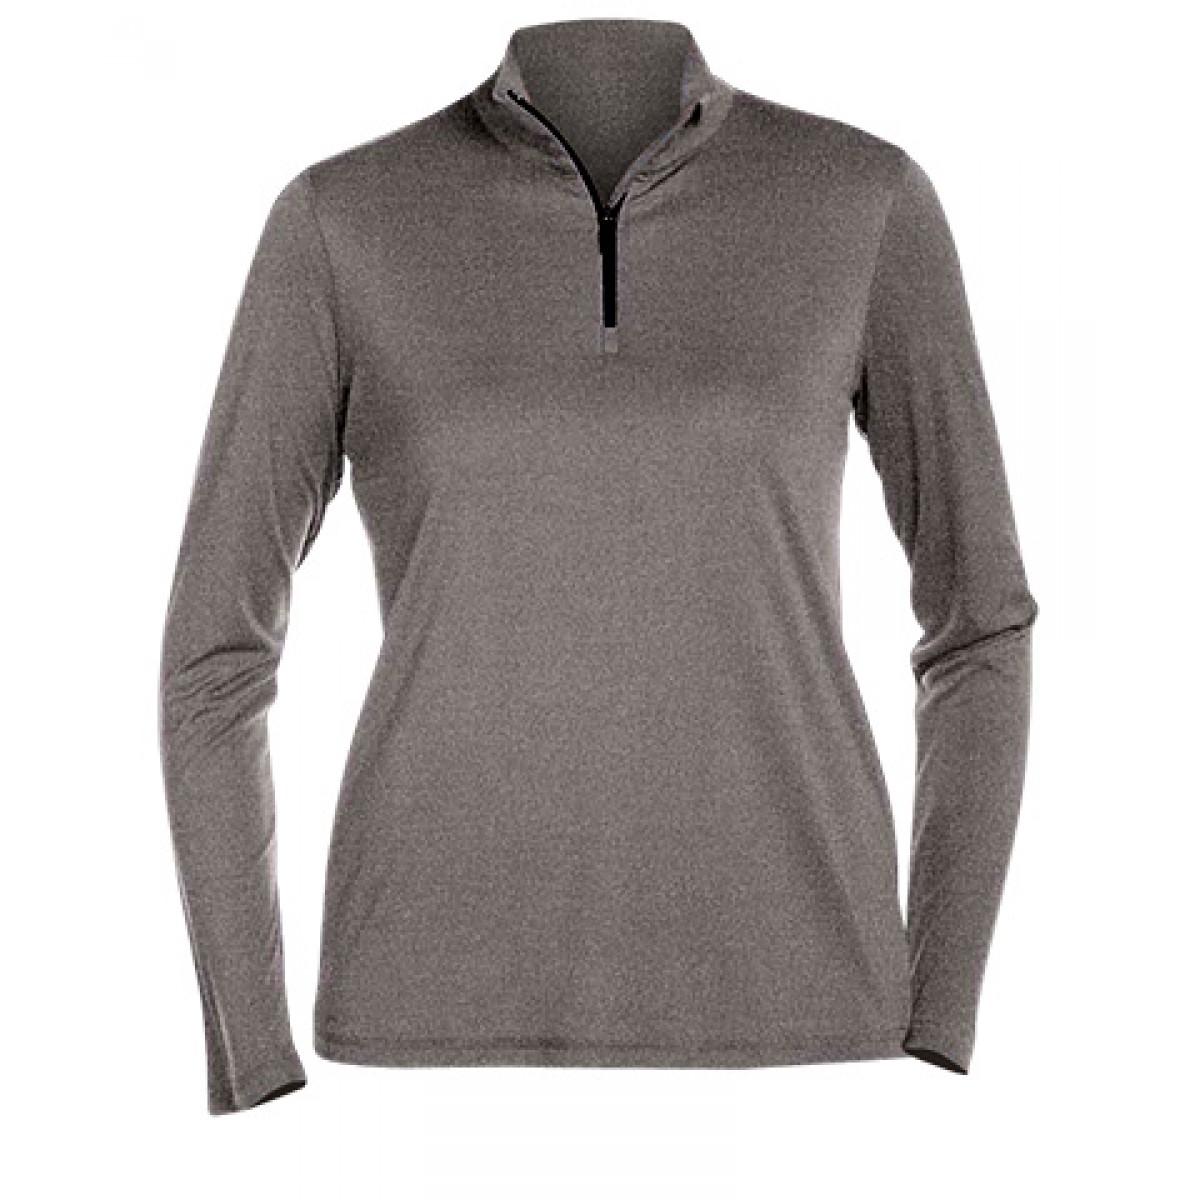 Ladies' Quarter-Zip Lightweight Pullover-Sports Grey-2XL